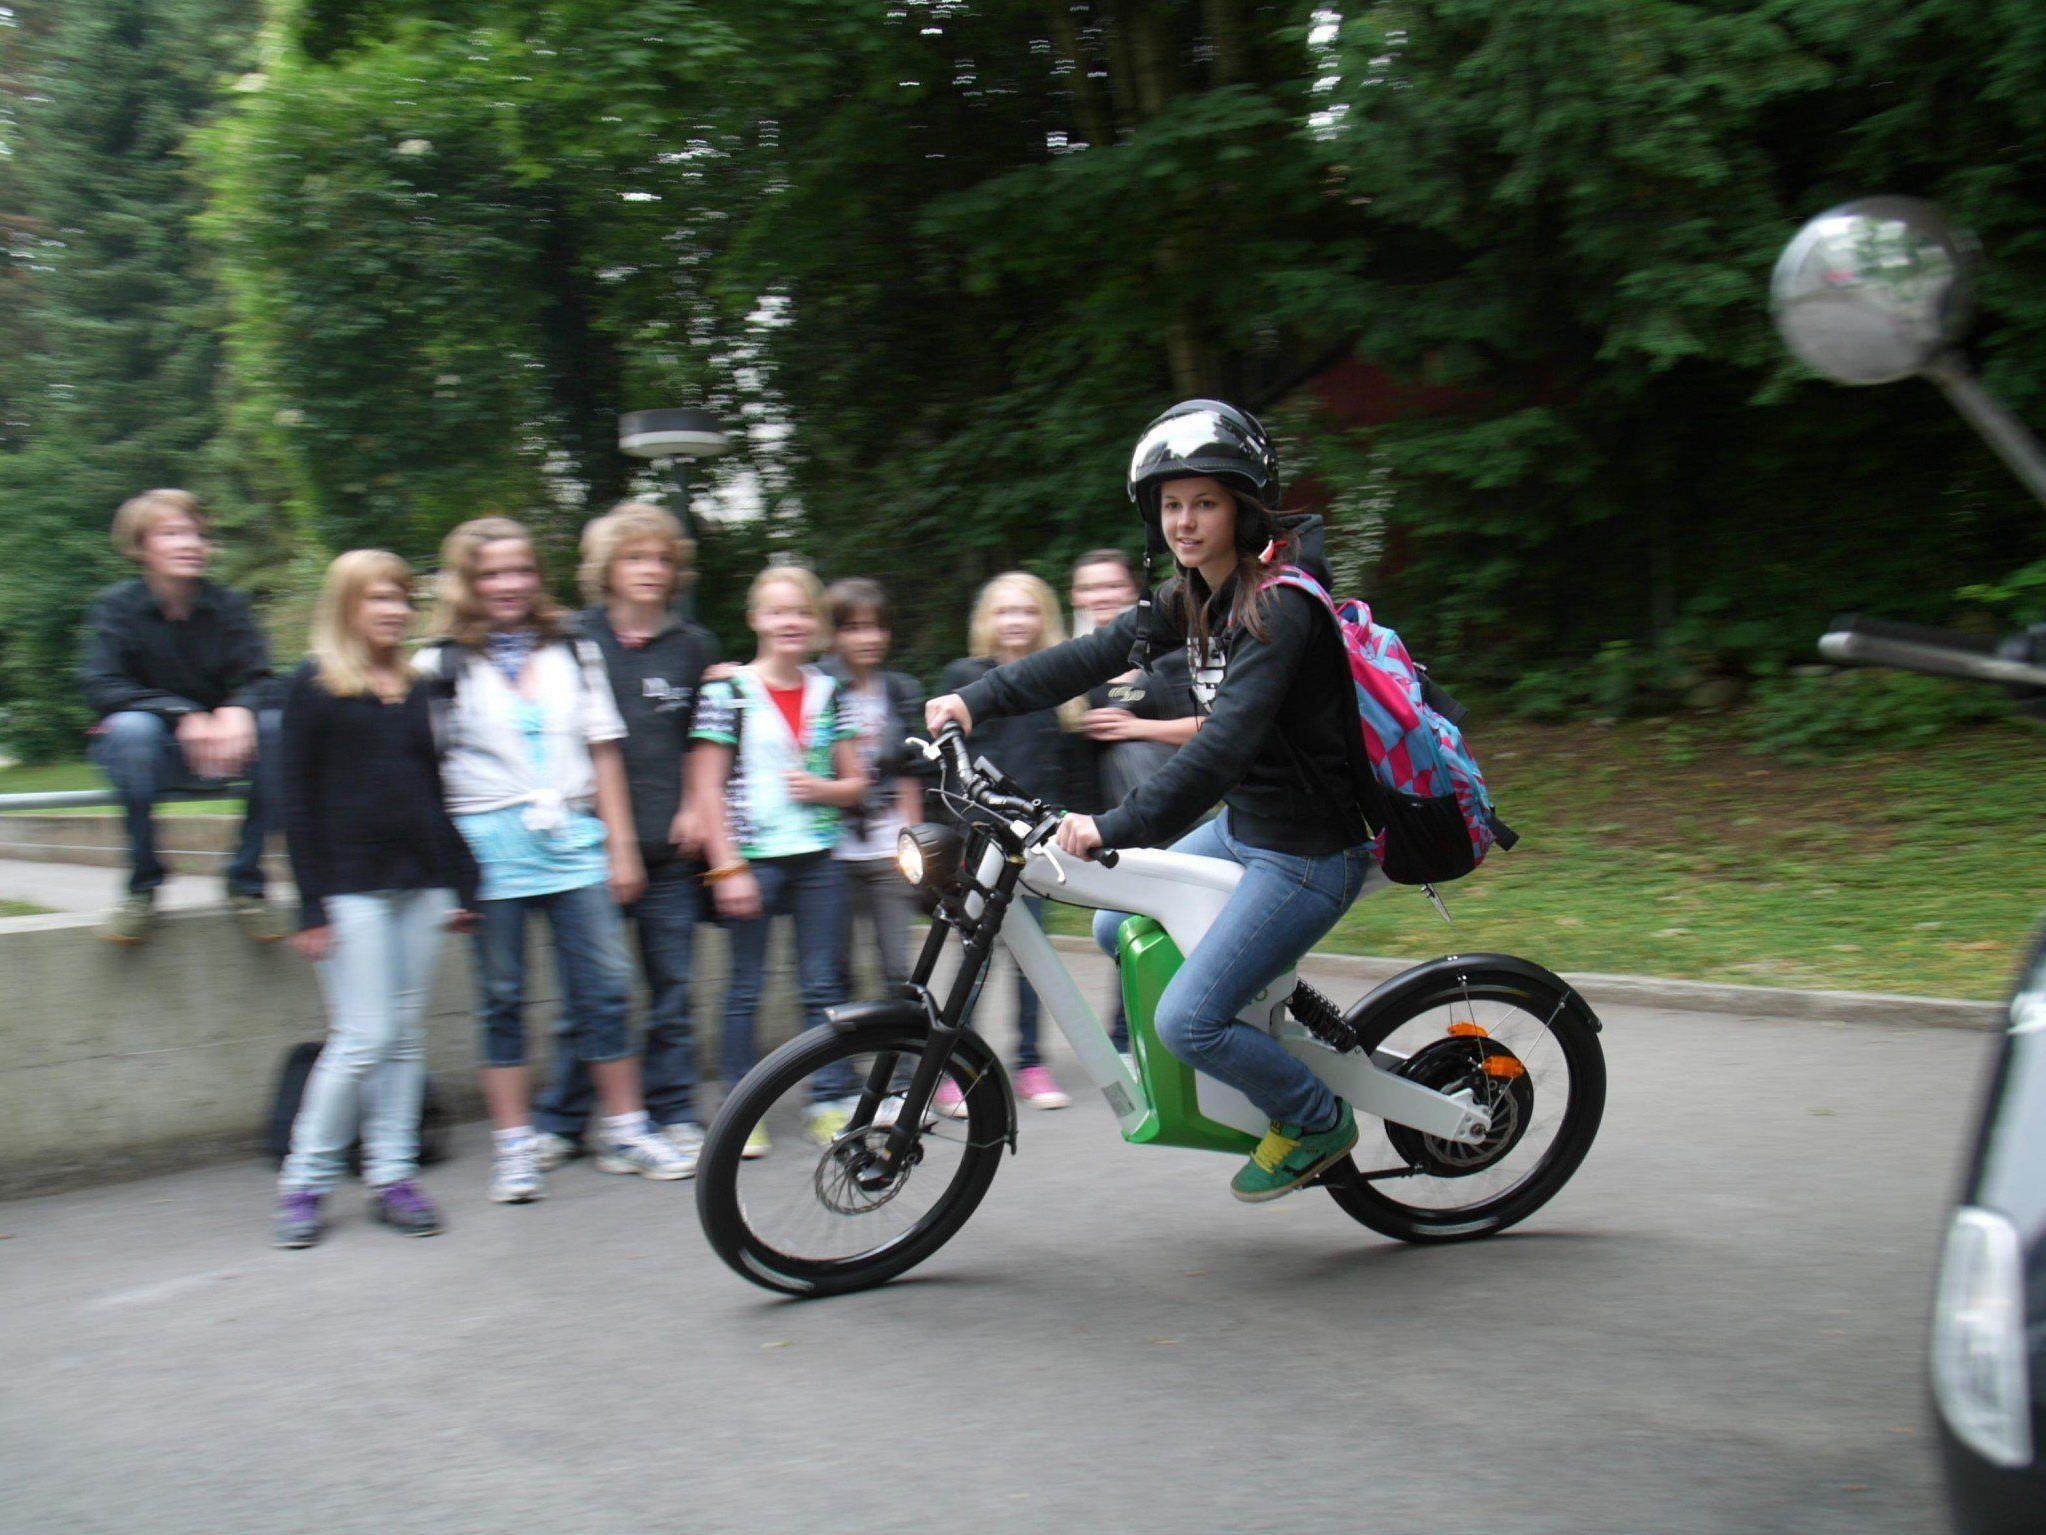 Bregenzerwälder Jugendliche können für eine Woche gratis ein Elektromoped testen.